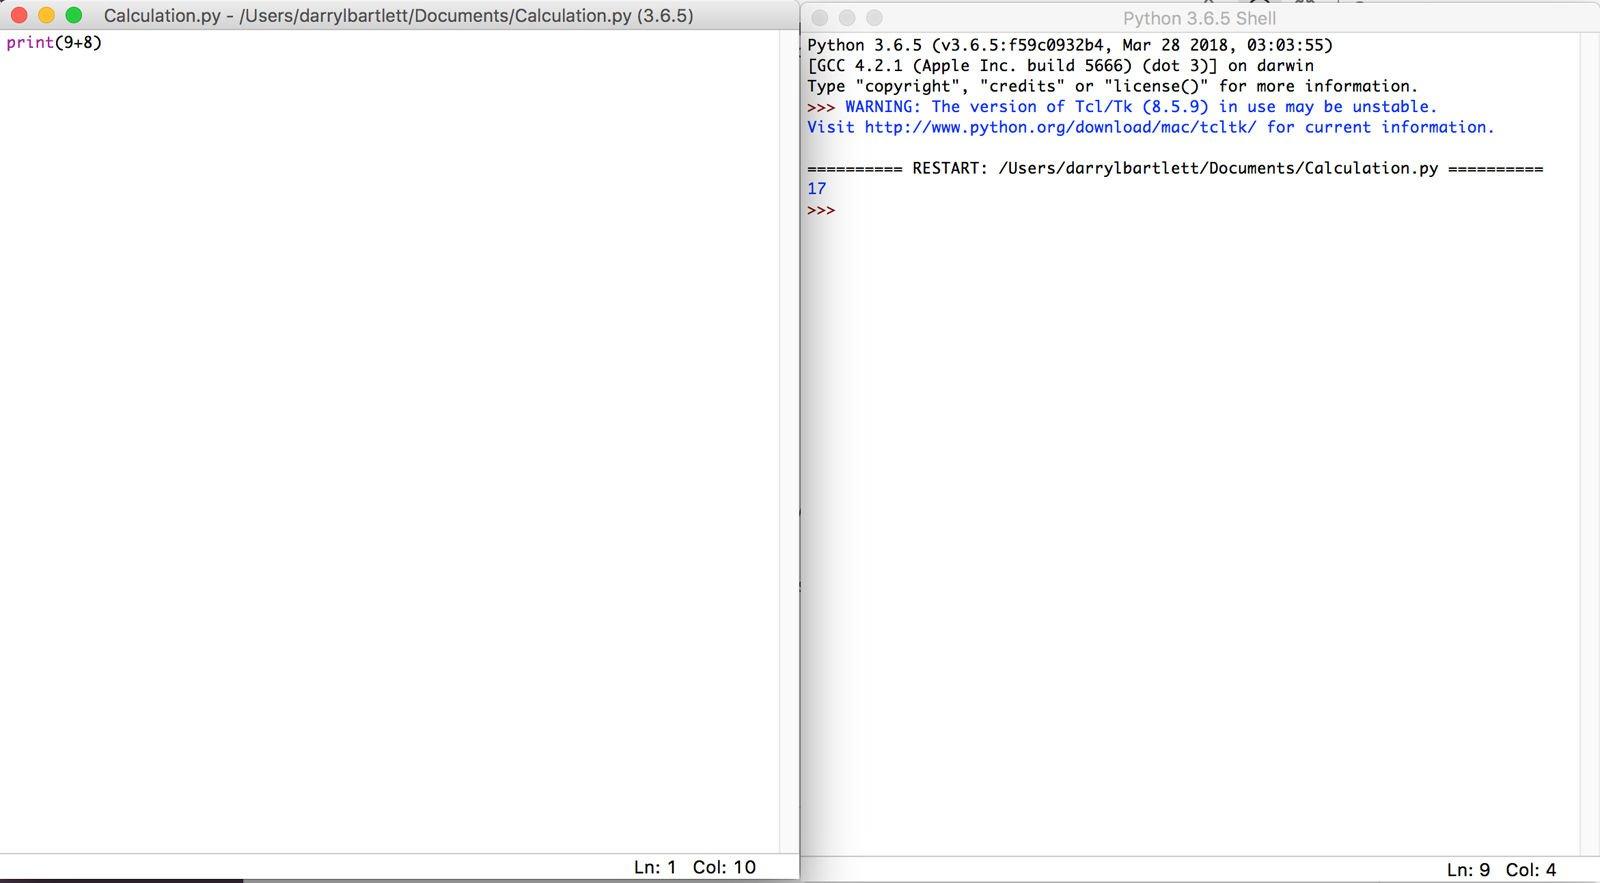 Cómo usar la codificación Python en Mac: cálculo